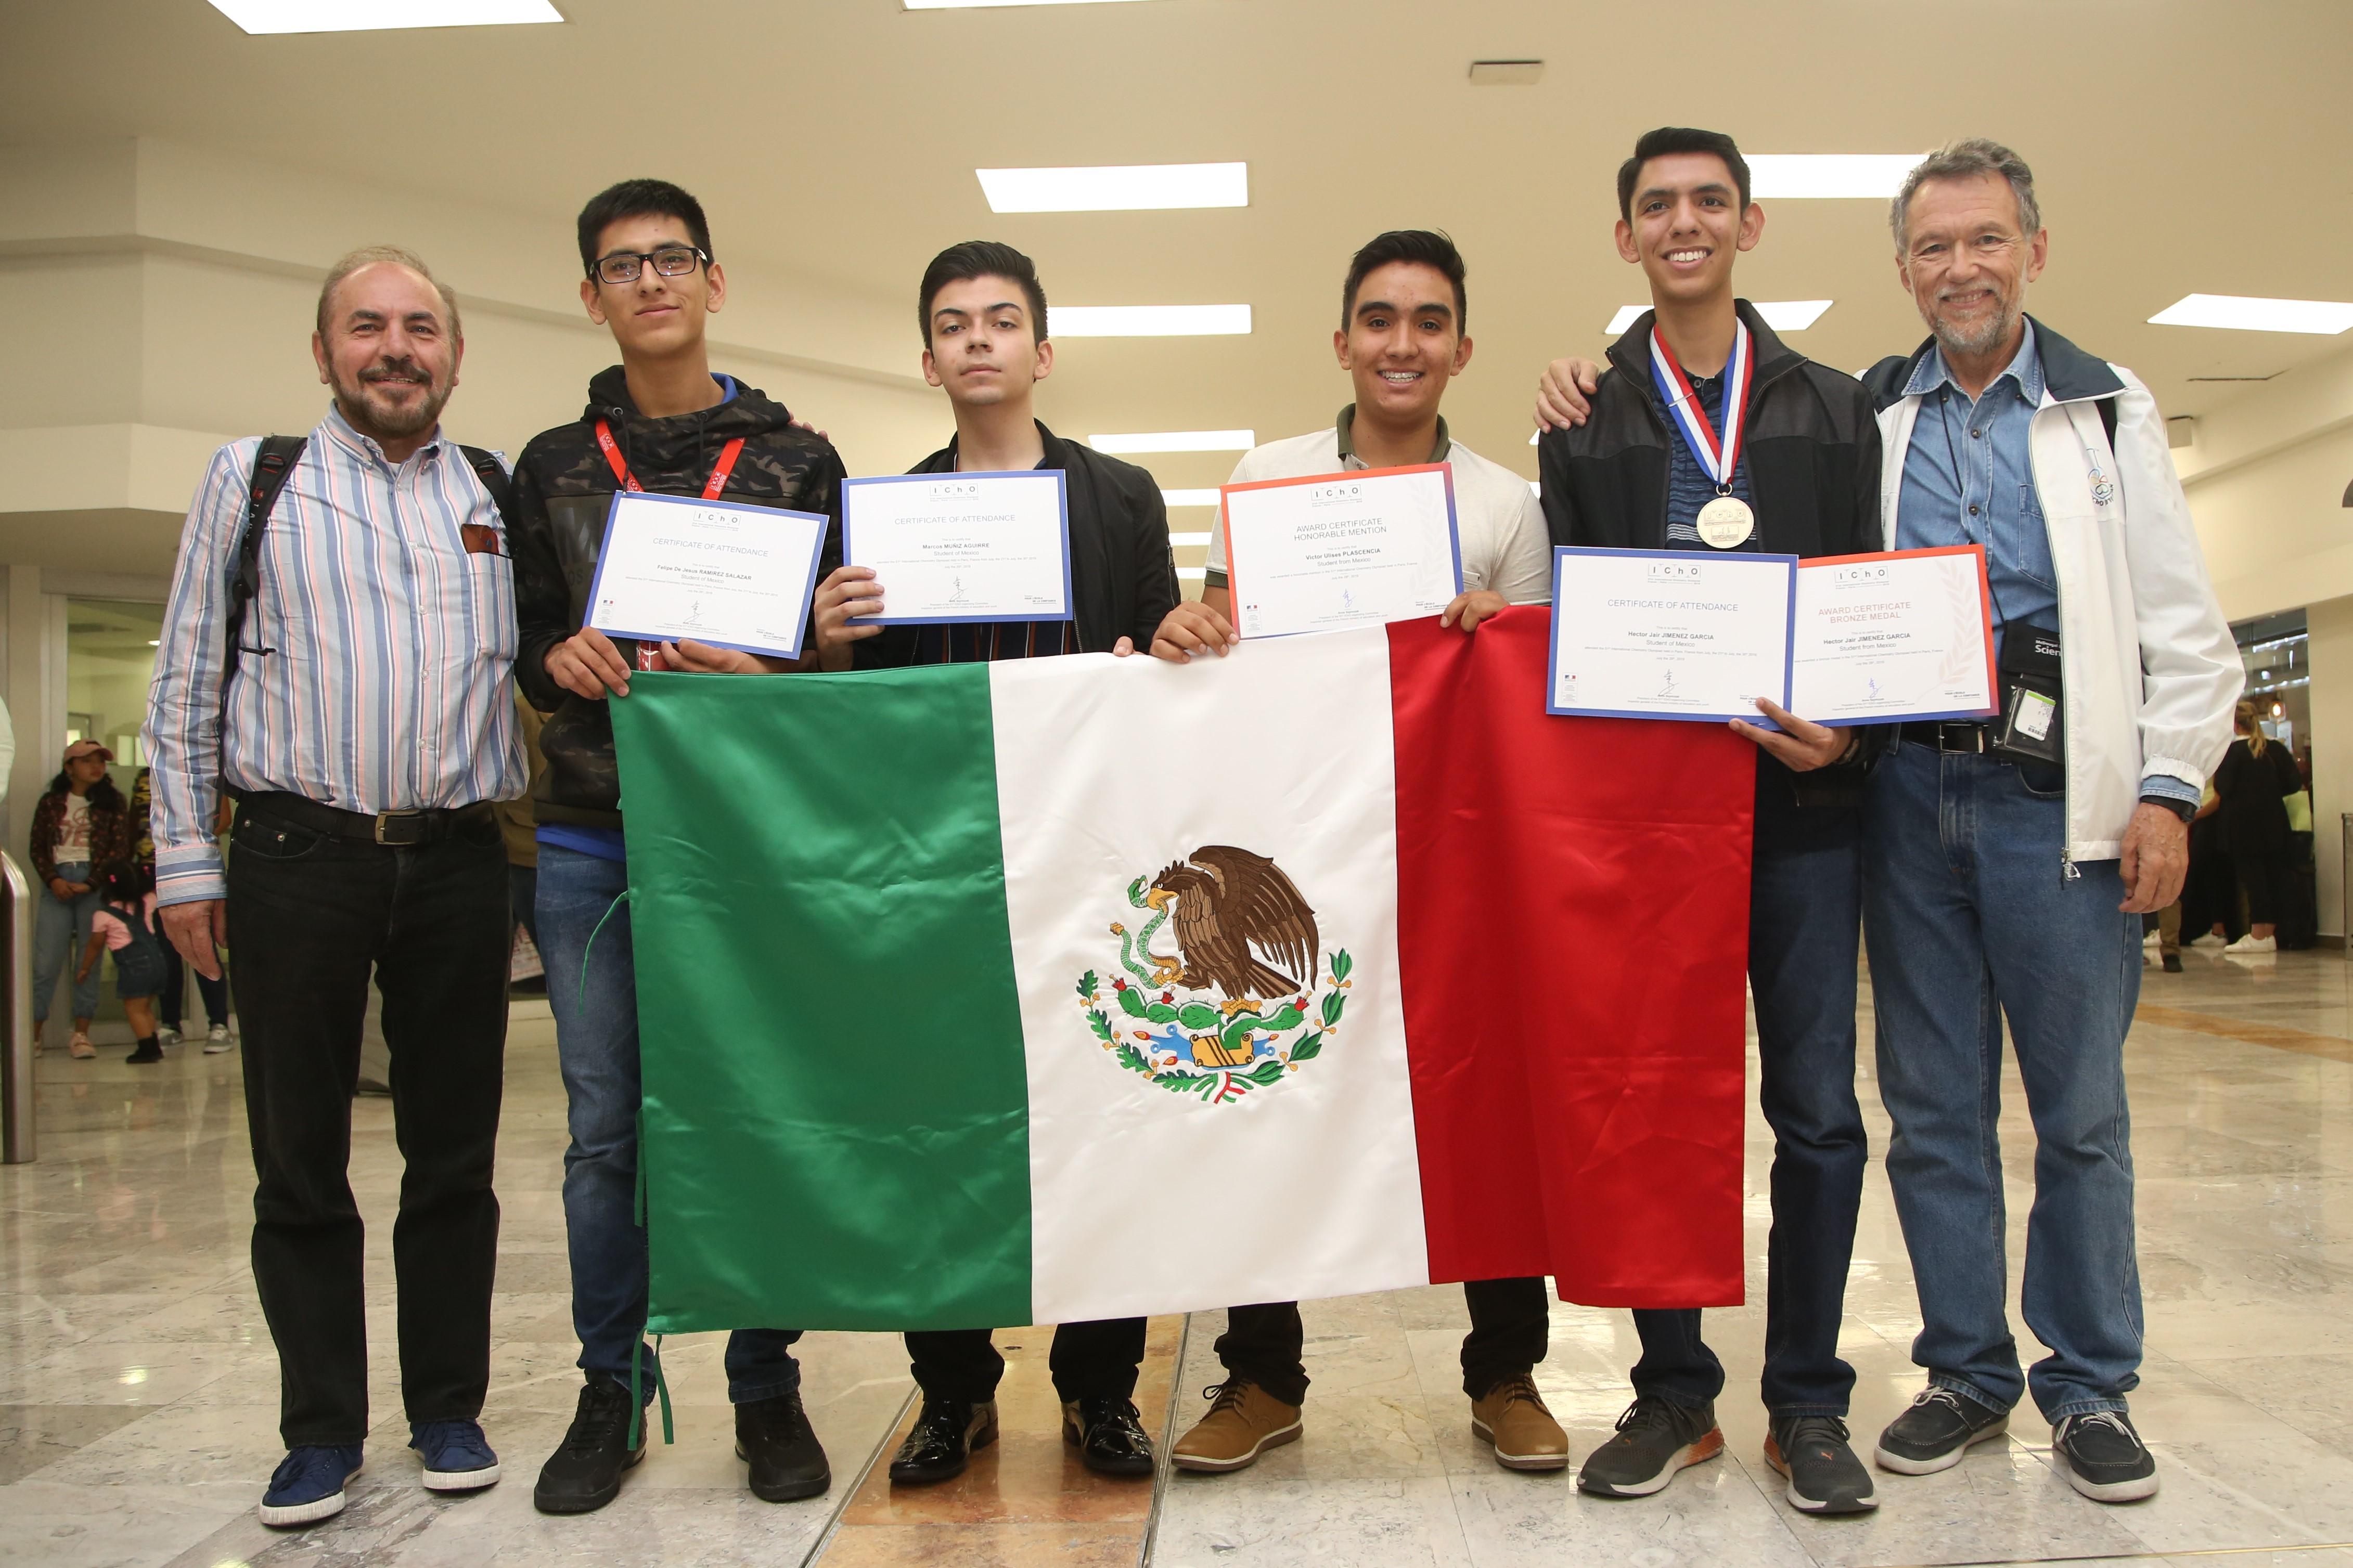 El equipo que representó a México en la 51ª Olimpiada Internacional de Química, que se realizó del 21 al 30 de julio de 2019 en París, Francia.